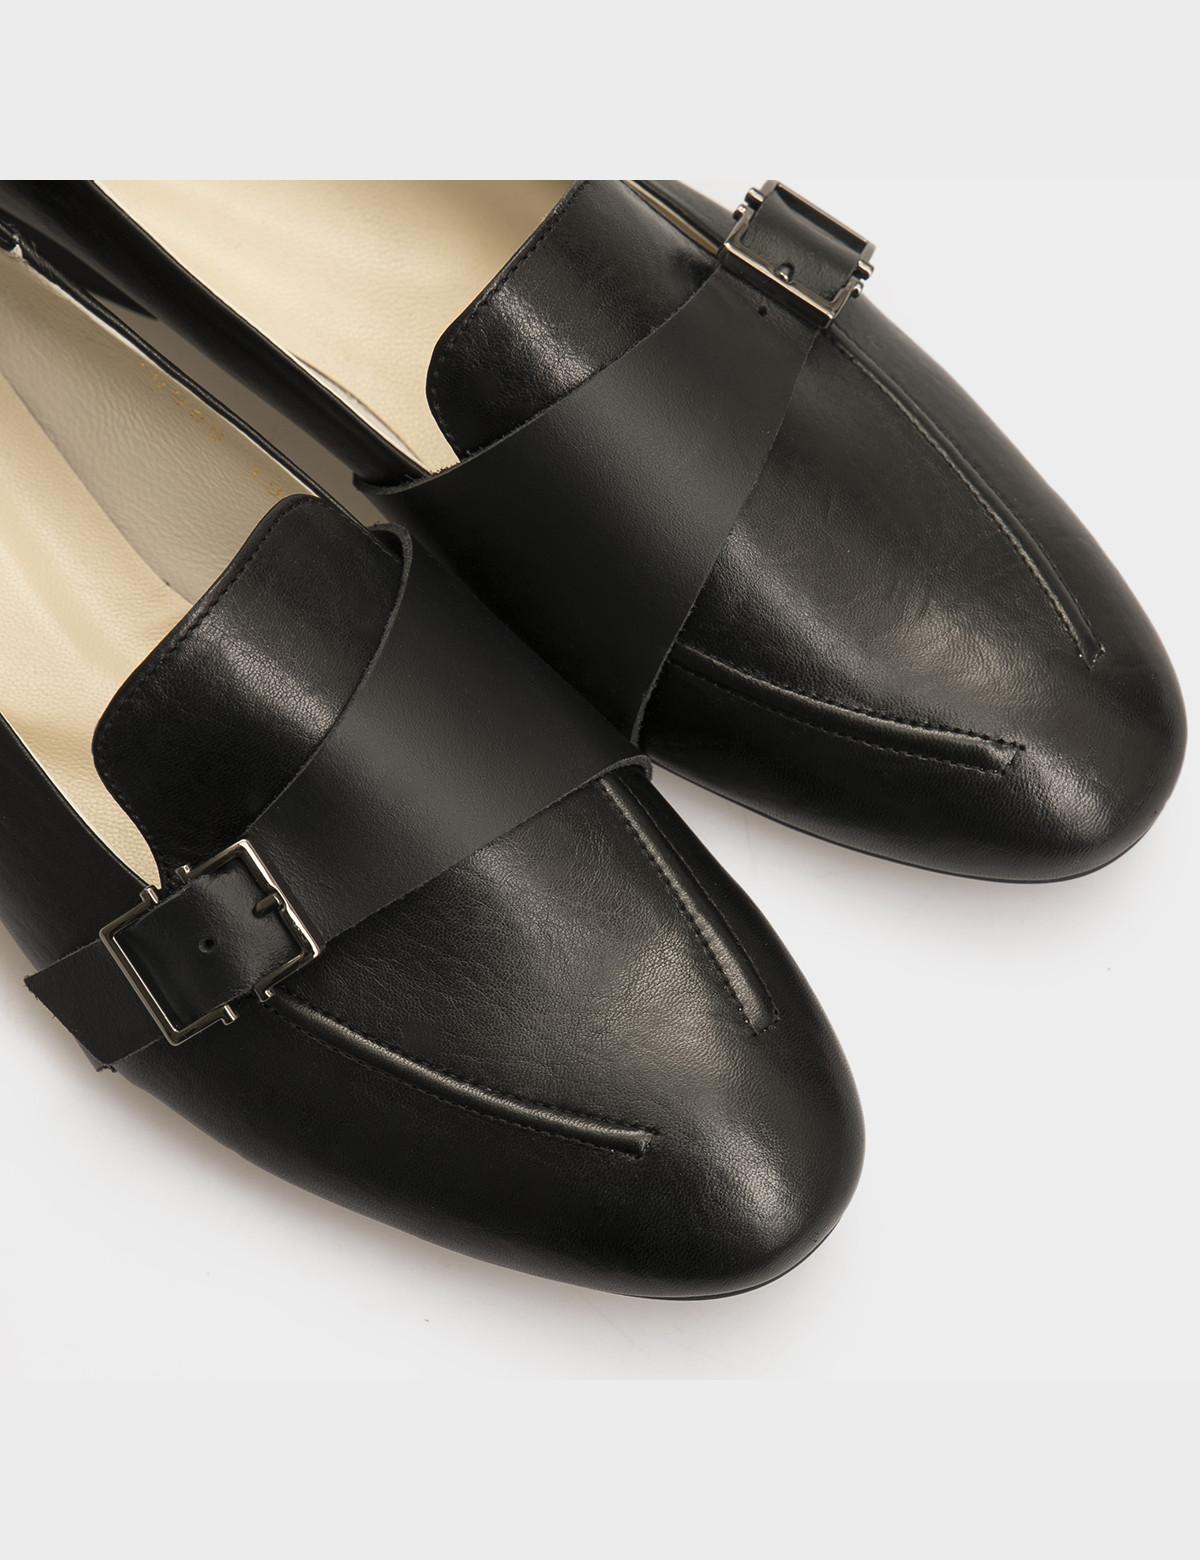 Туфли черные, натуральная кожа 4